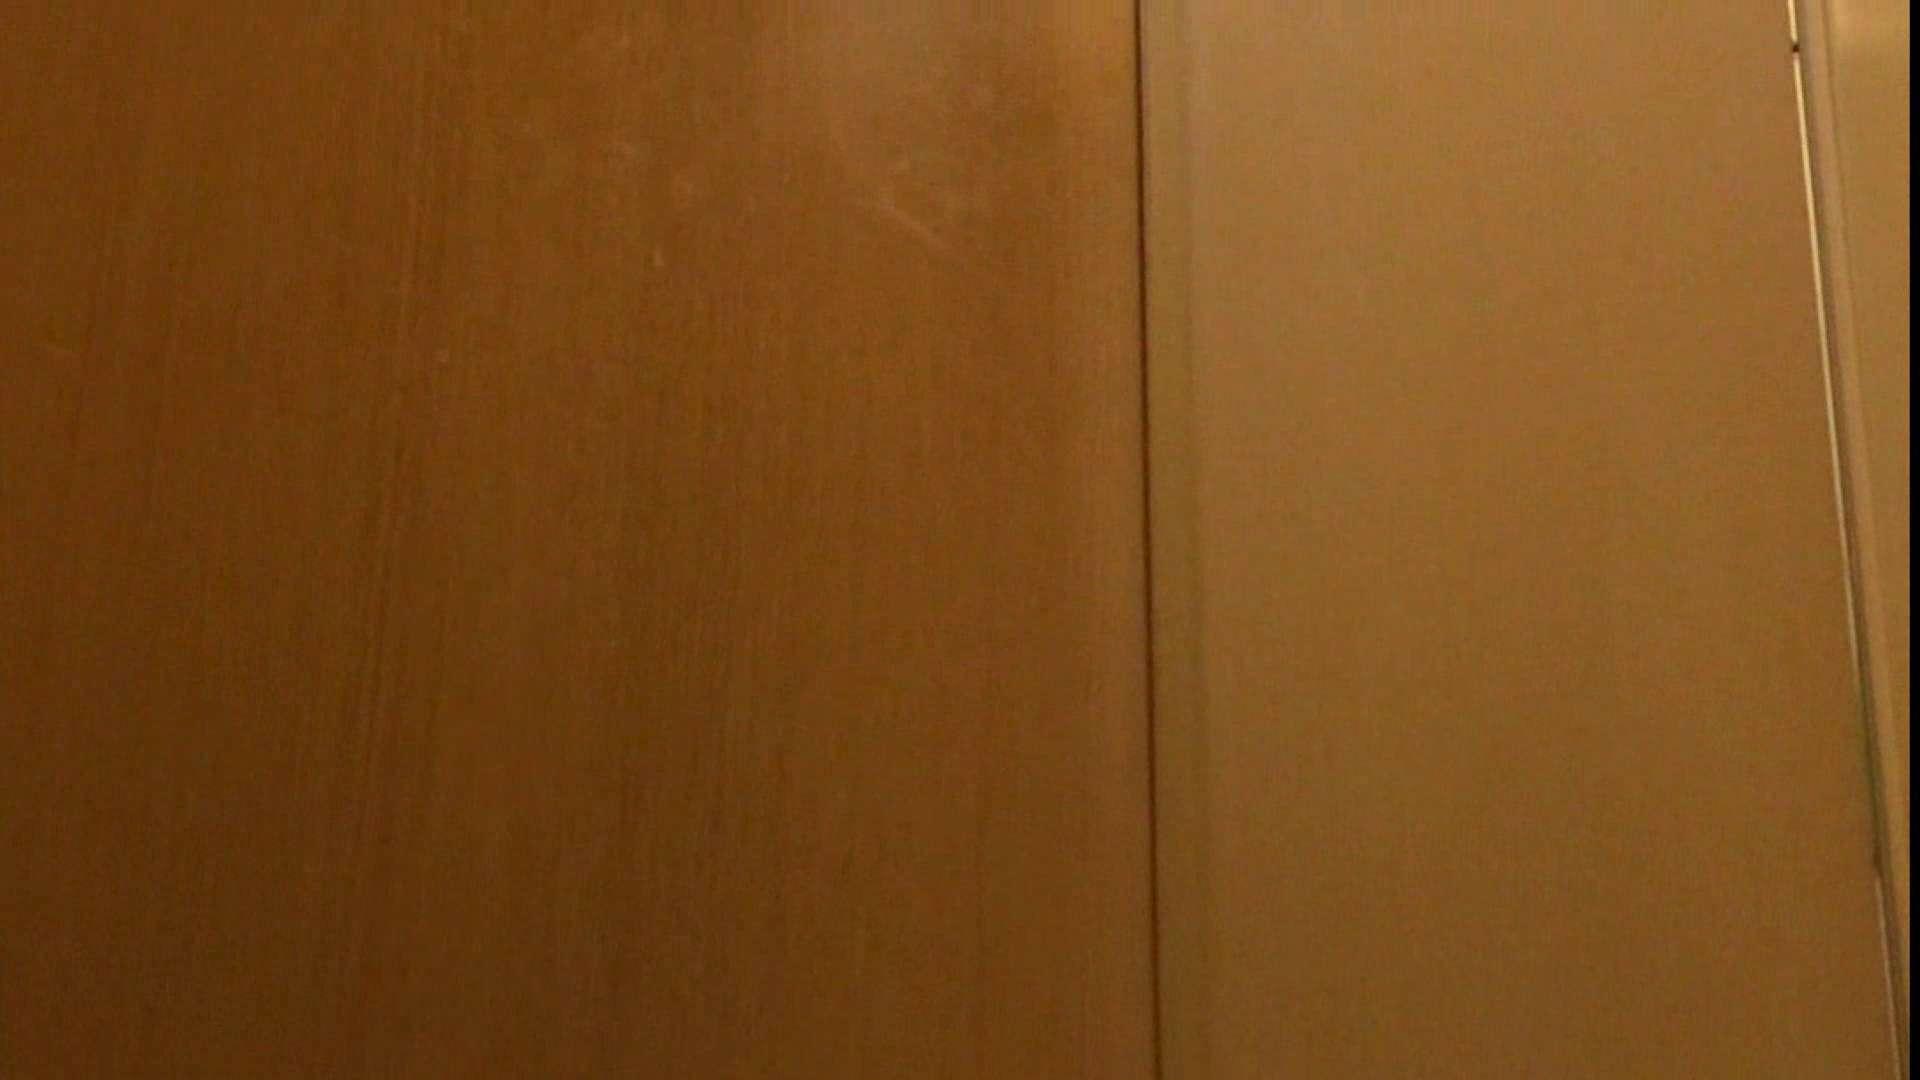 隣国化粧室下から御免!! No.14 洗面所 | お姉さん攻略  107画像 7